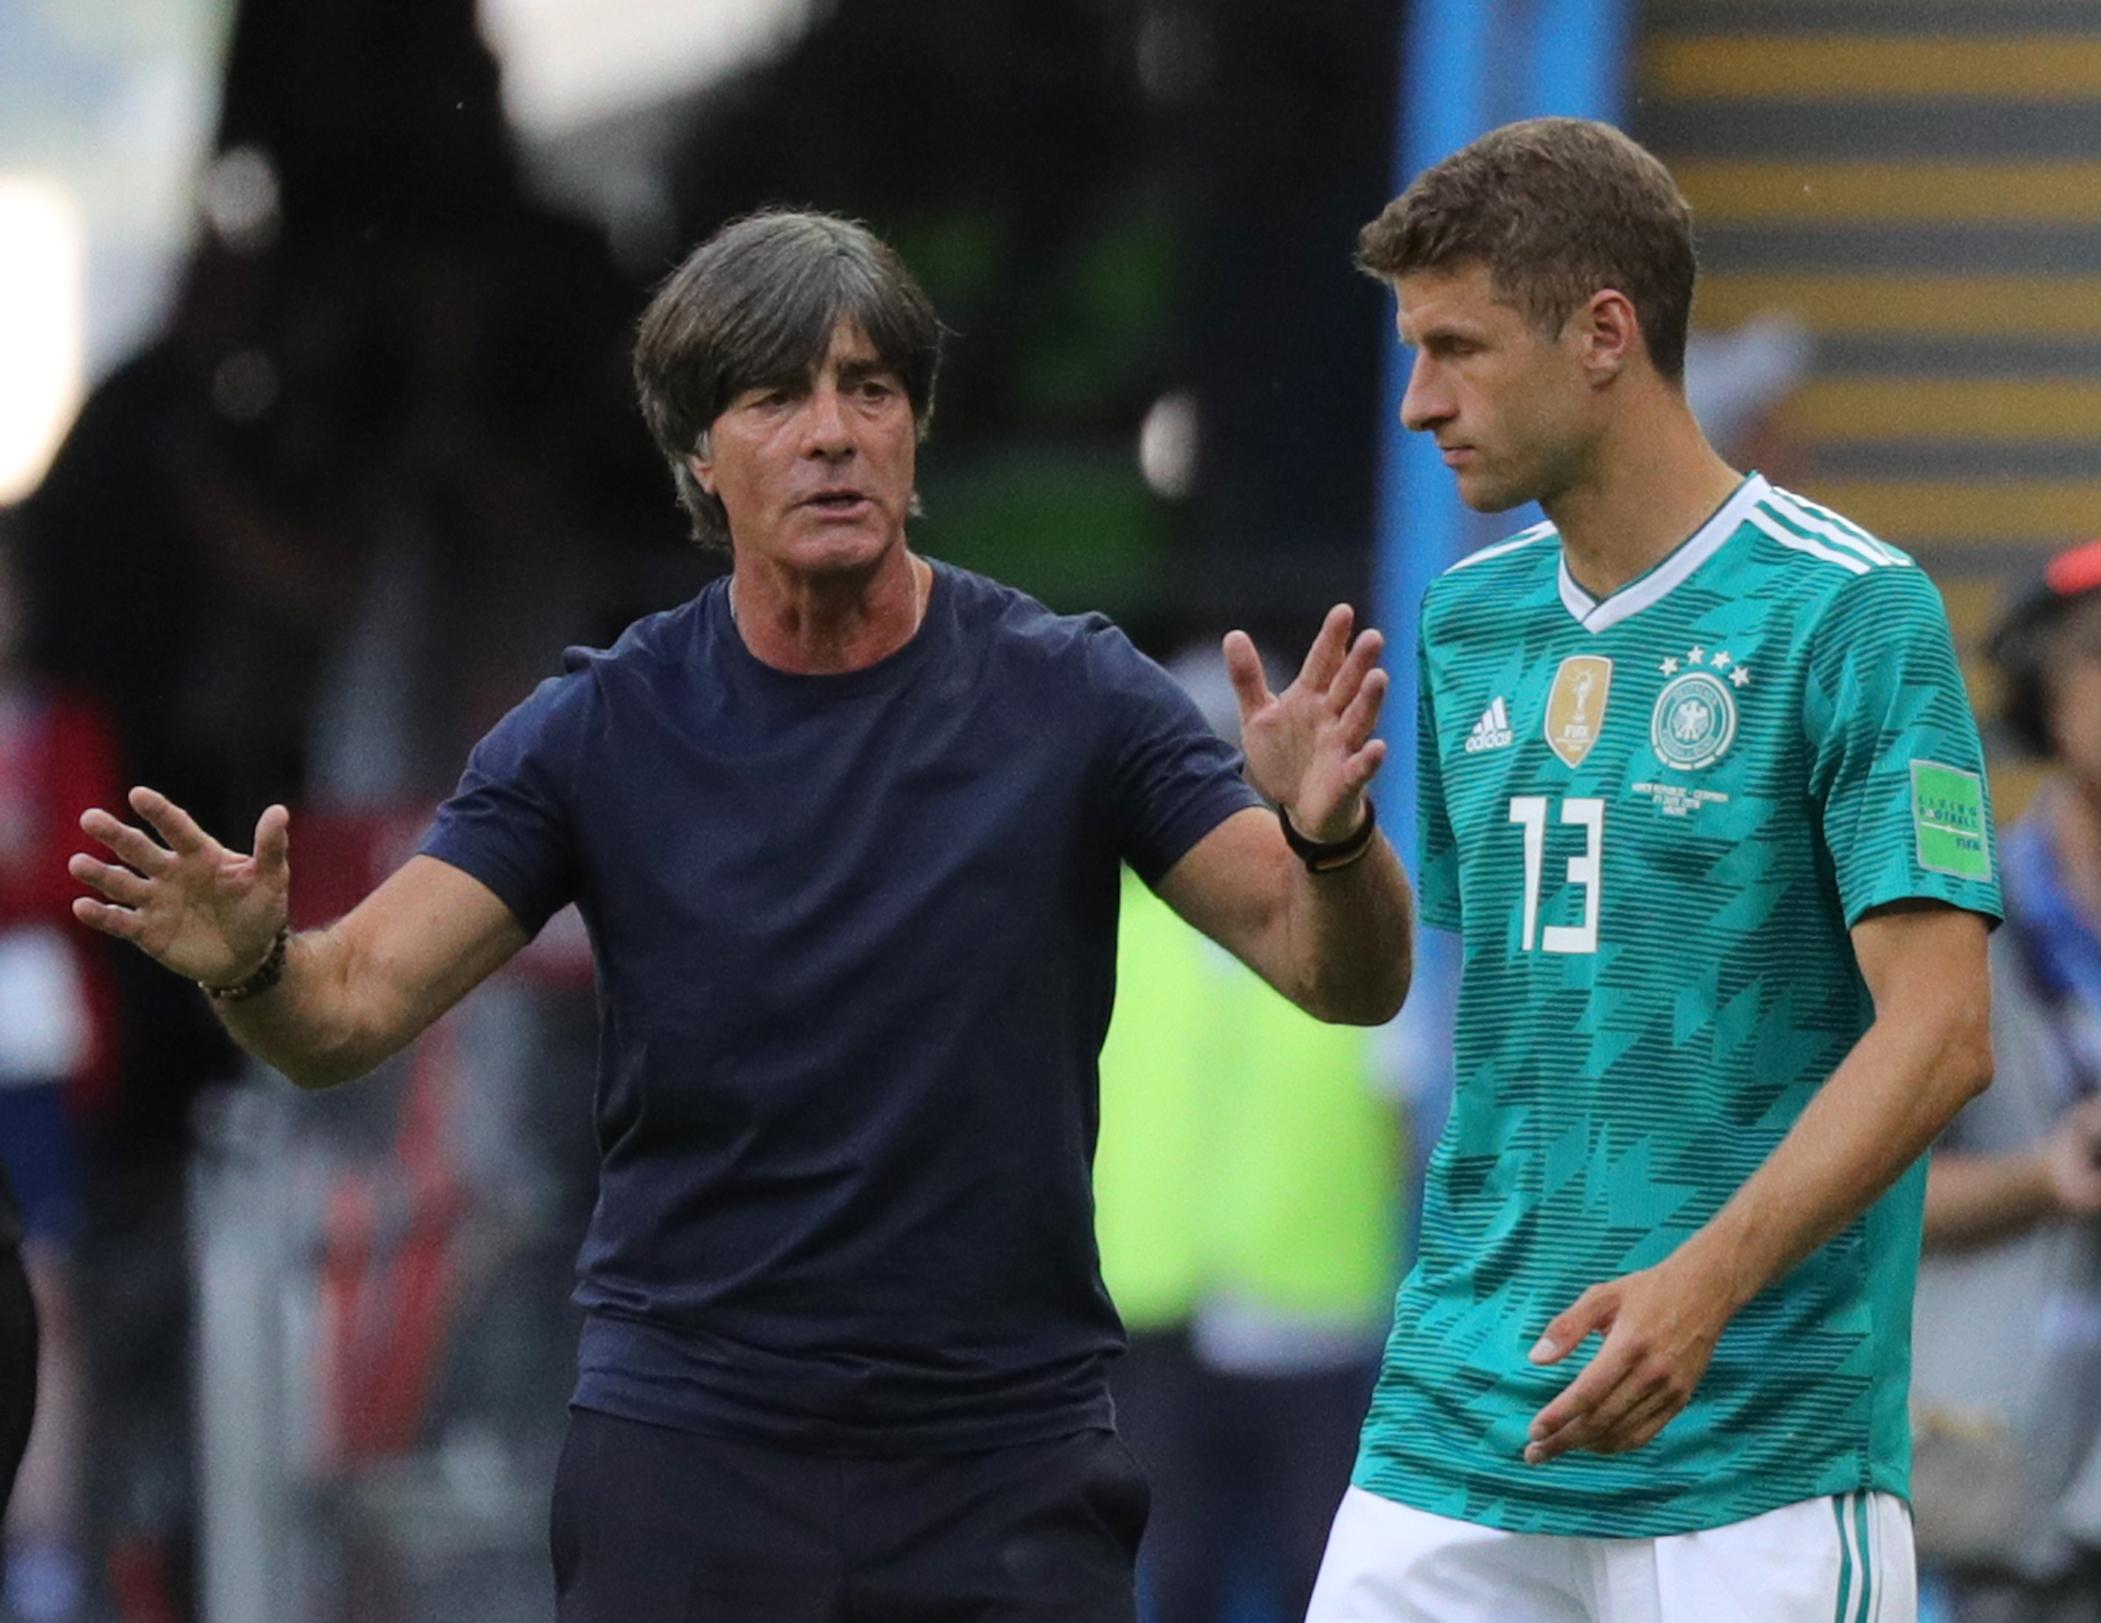 Schlechte Stimmung: Löw plant in Zukunft ohne Müller. Der Angreifer rechnete unlängst mit dem Bundestrainer ab.